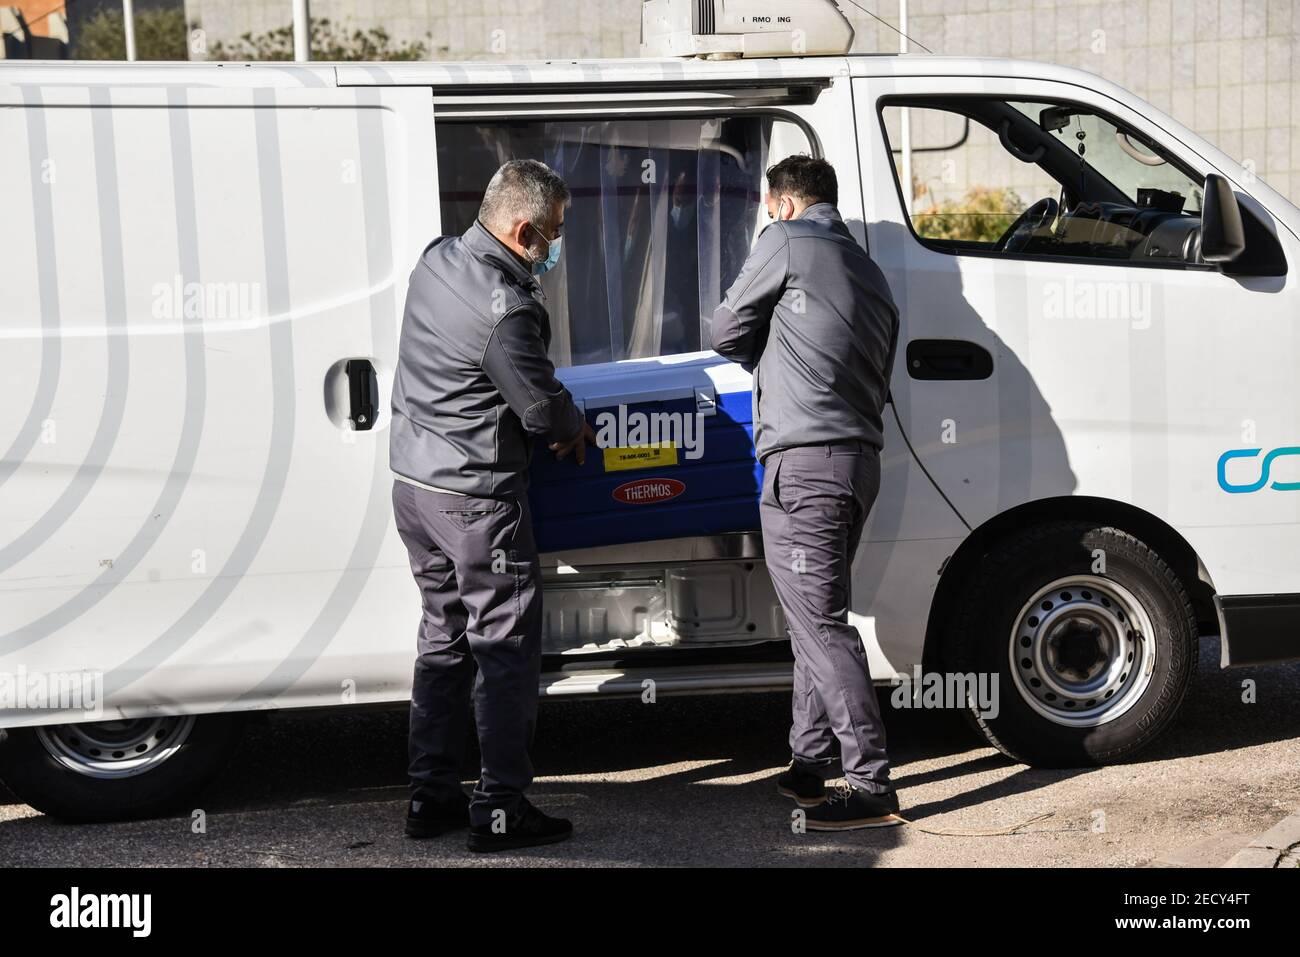 Beyrouth, Liban, 14 février 2021. Les hommes chargent une glacière remplie de vaccin dans une fourgonnette à destination du centre médical de l'AUB le premier jour du lancement du programme de vaccination Covid-19 au Liban. Elizabeth FITT crédit: Elizabeth FITT/Alay Live News Banque D'Images